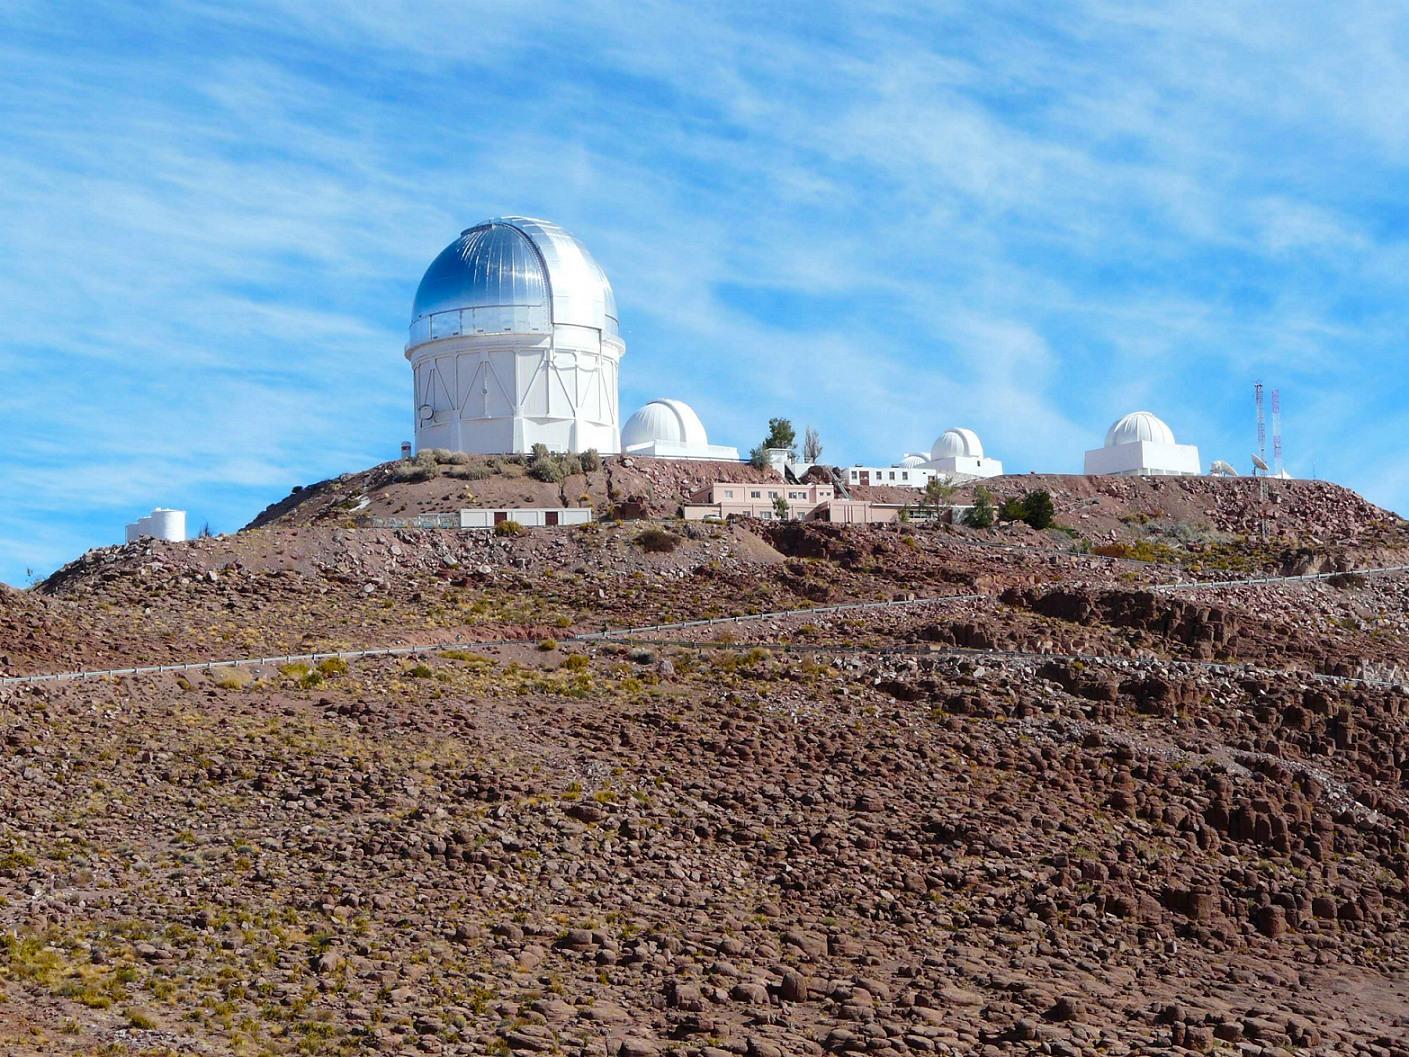 observatorio Cerro Tololo